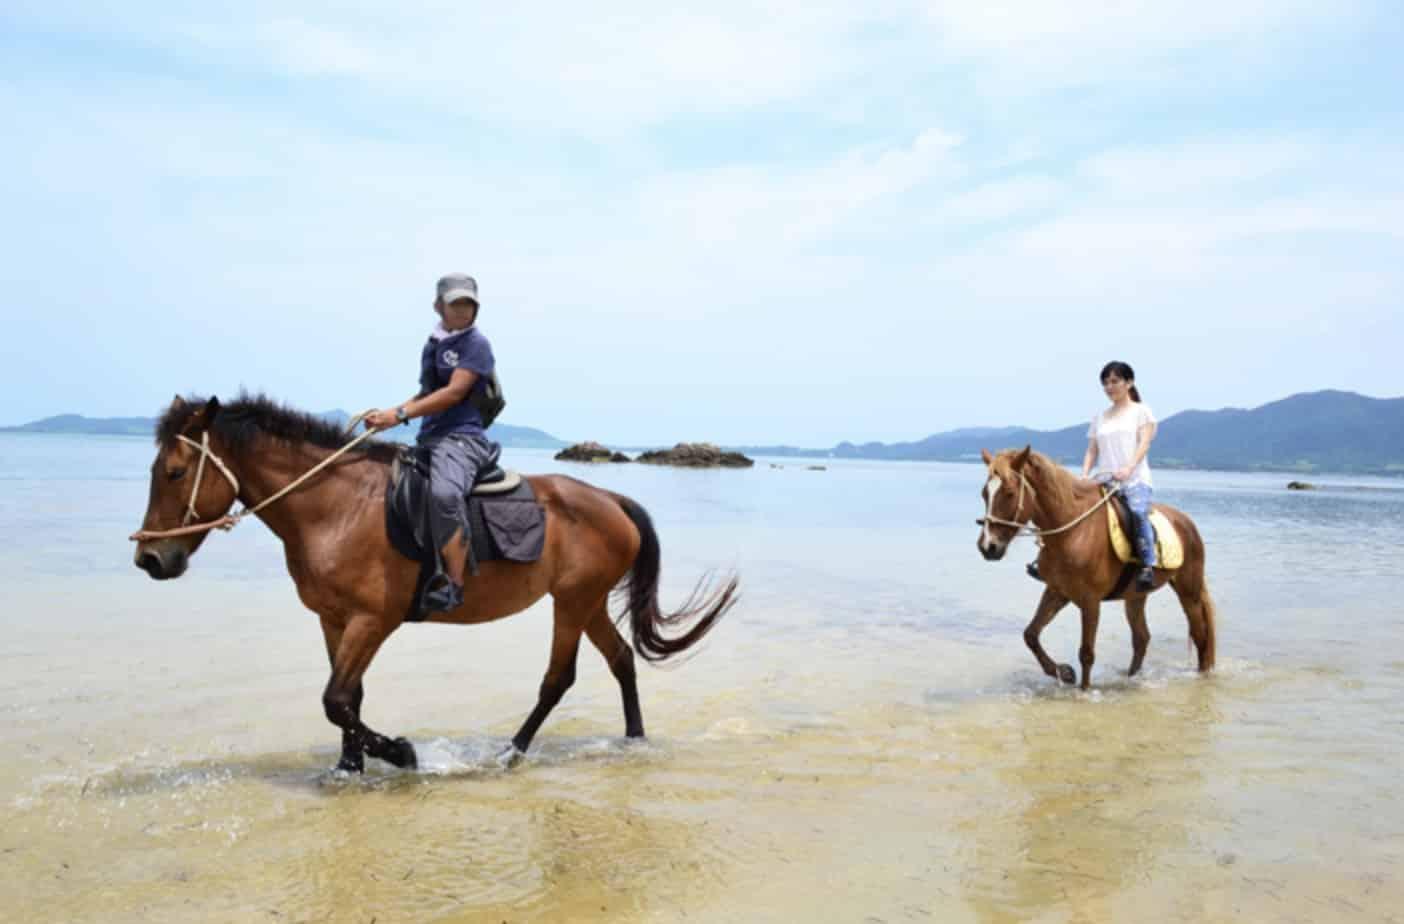 石垣島 アクティビティー ホースライディング 波ん馬